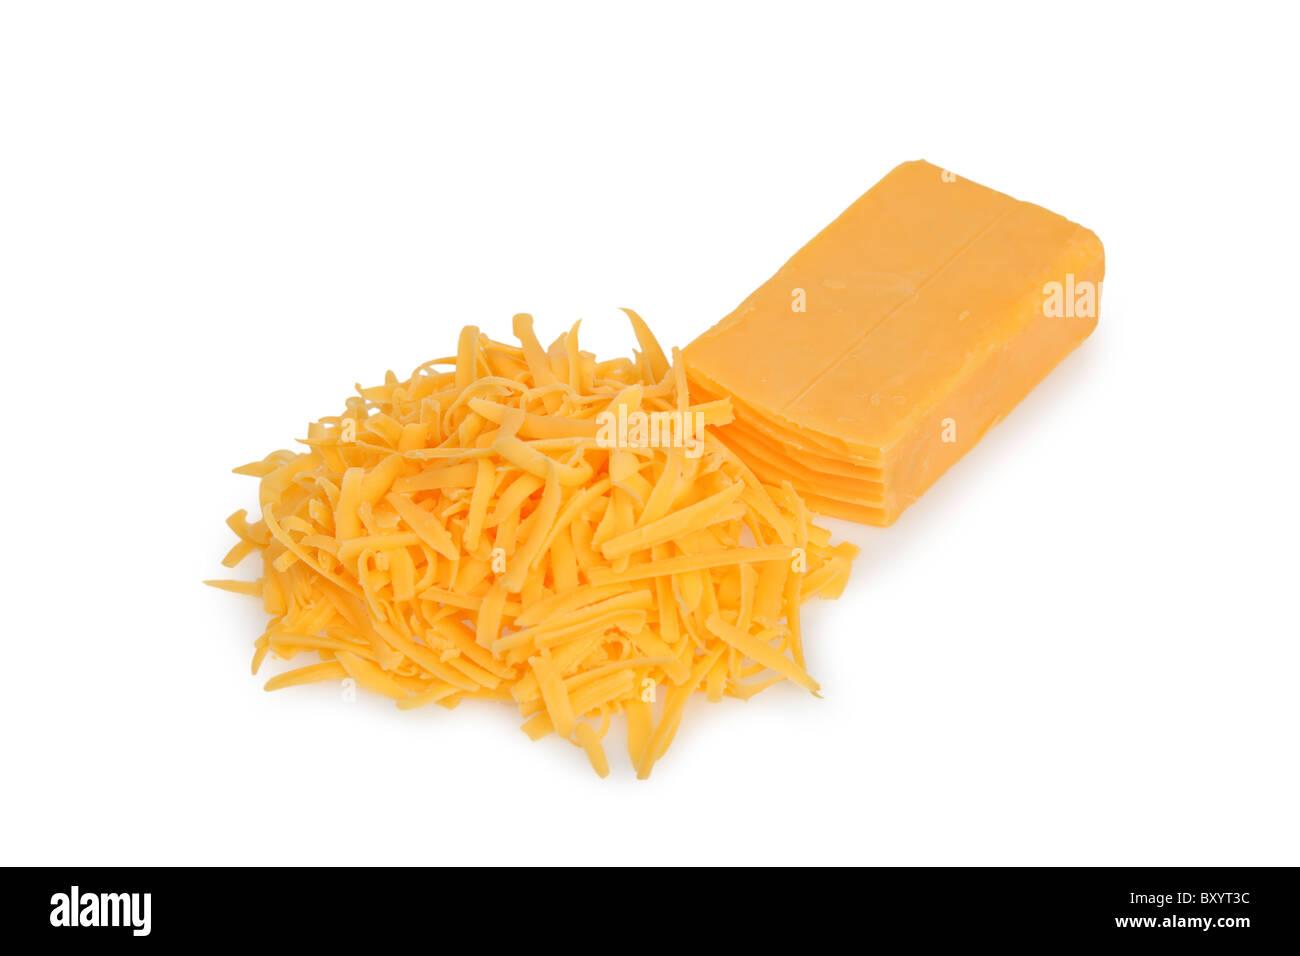 Fromage cheddar, râpé sur fond blanc Photo Stock